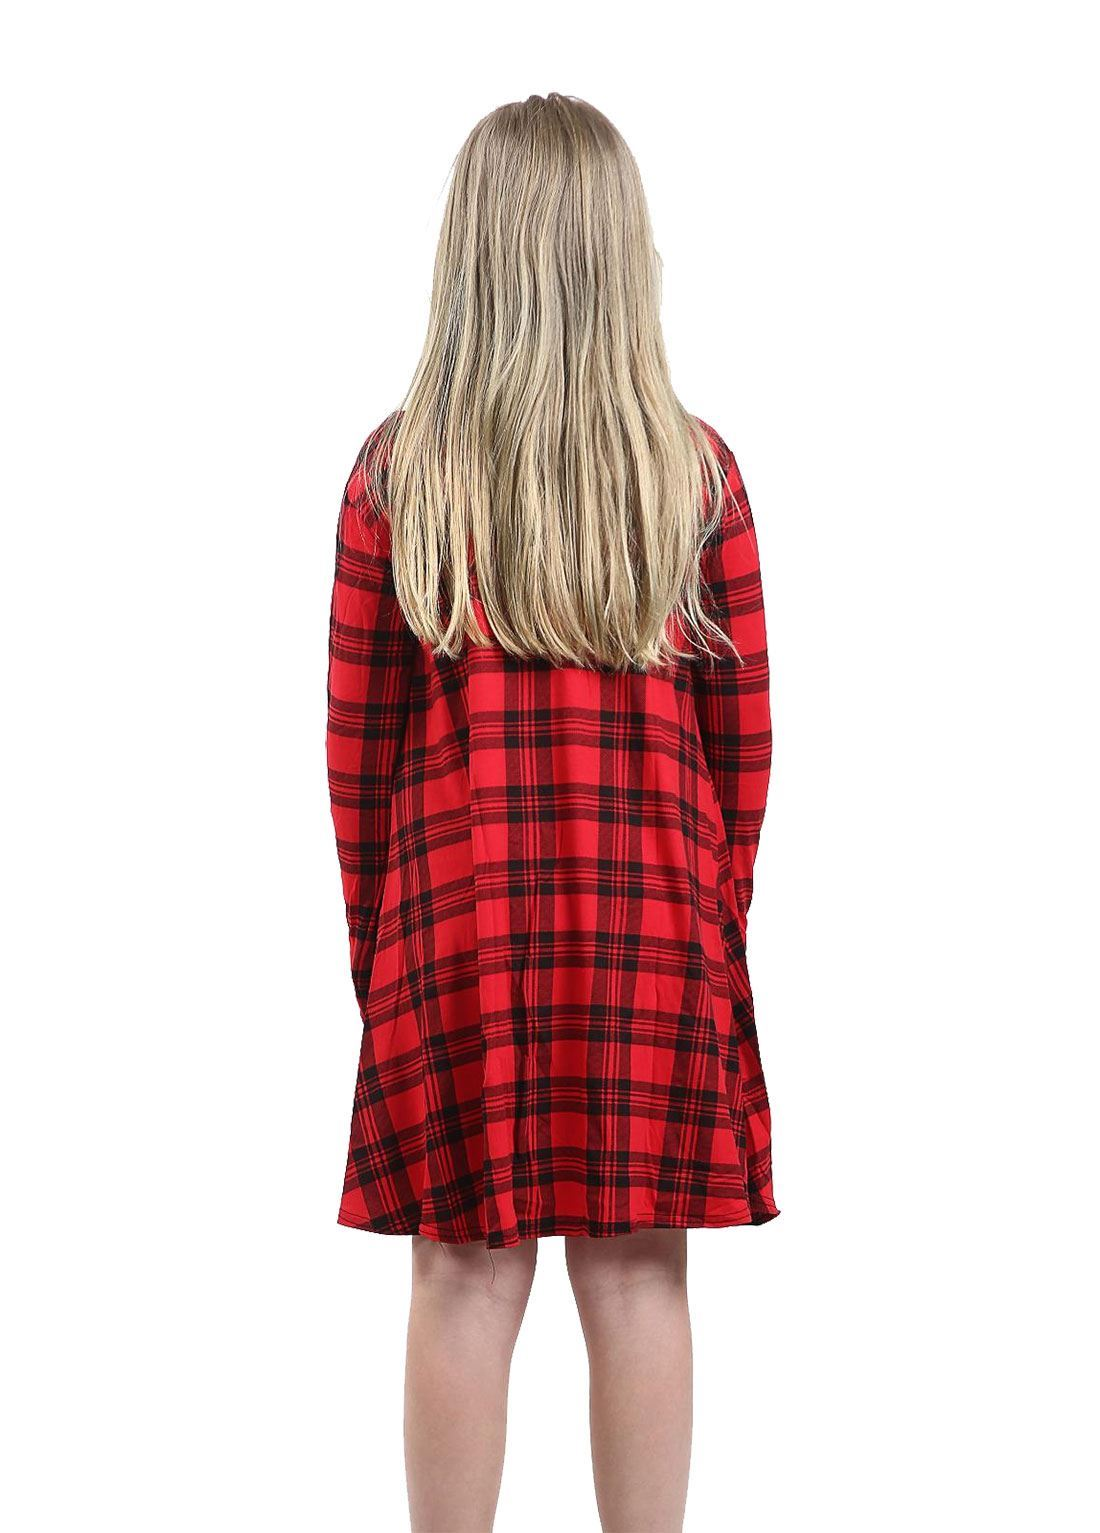 Enfants à manches longues Skater robe Swing Kids Col Rond Imprimé Party Wear Dress